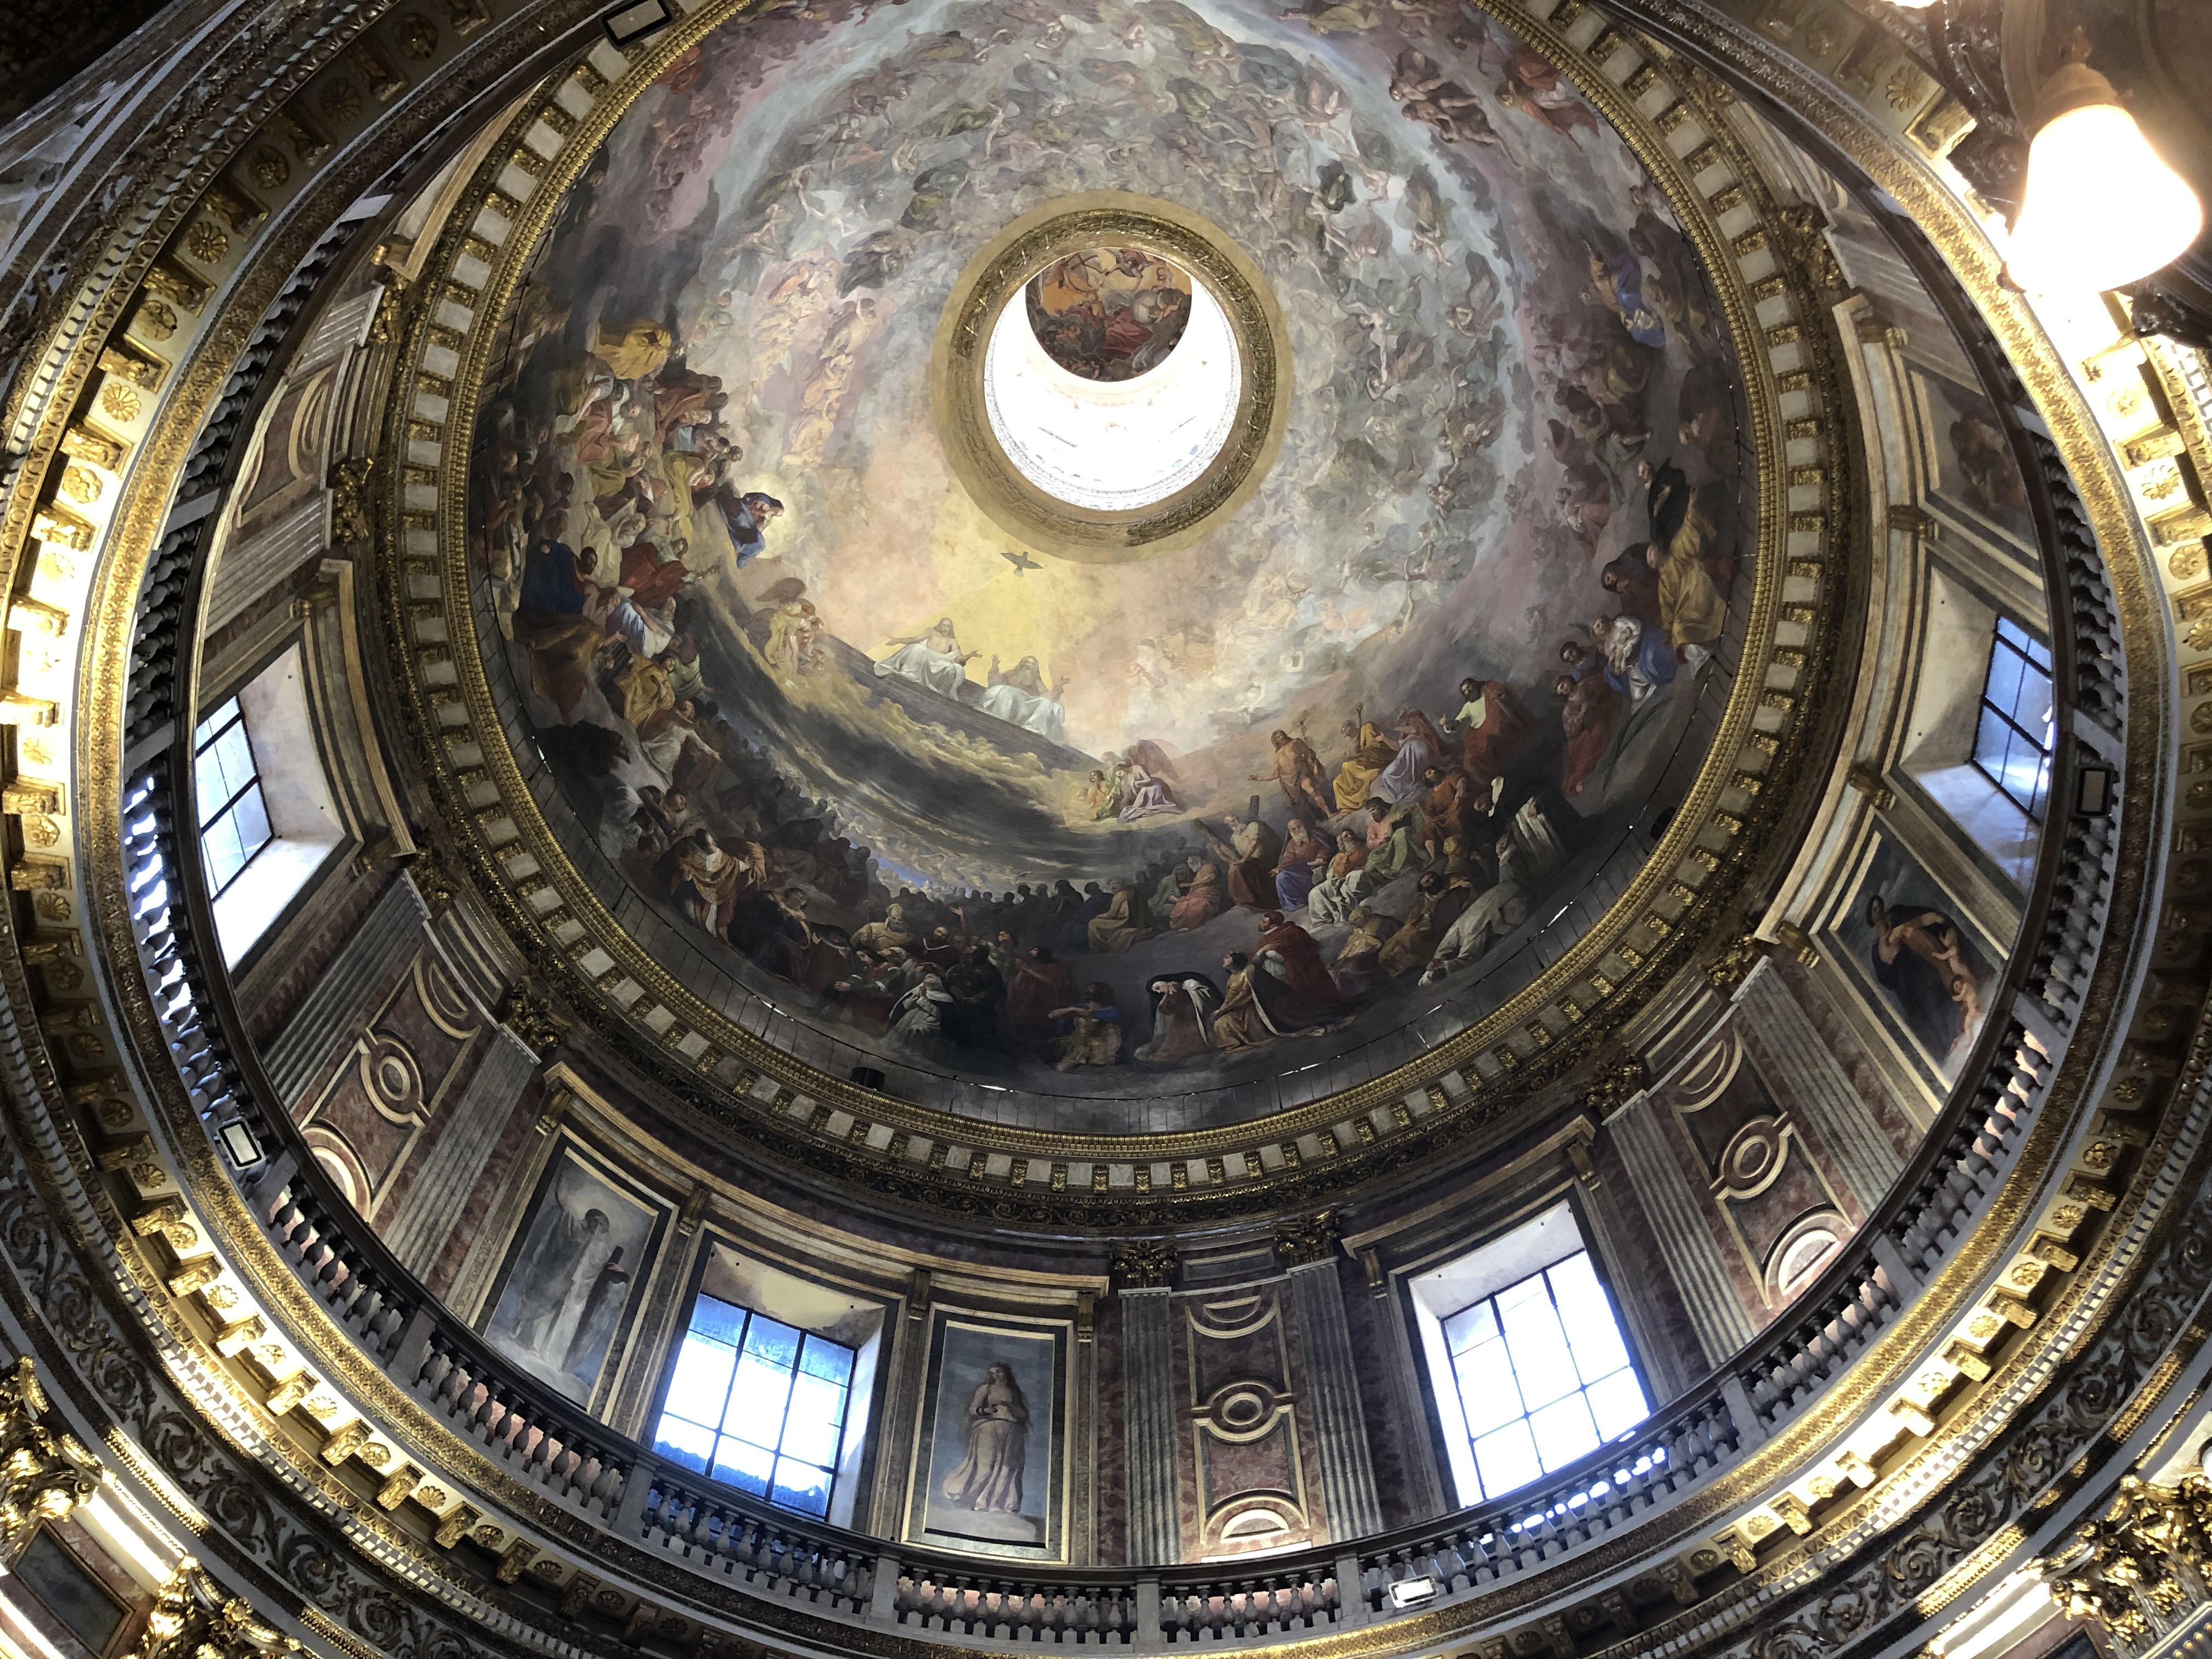 S Trinità Torino cupola.jpg